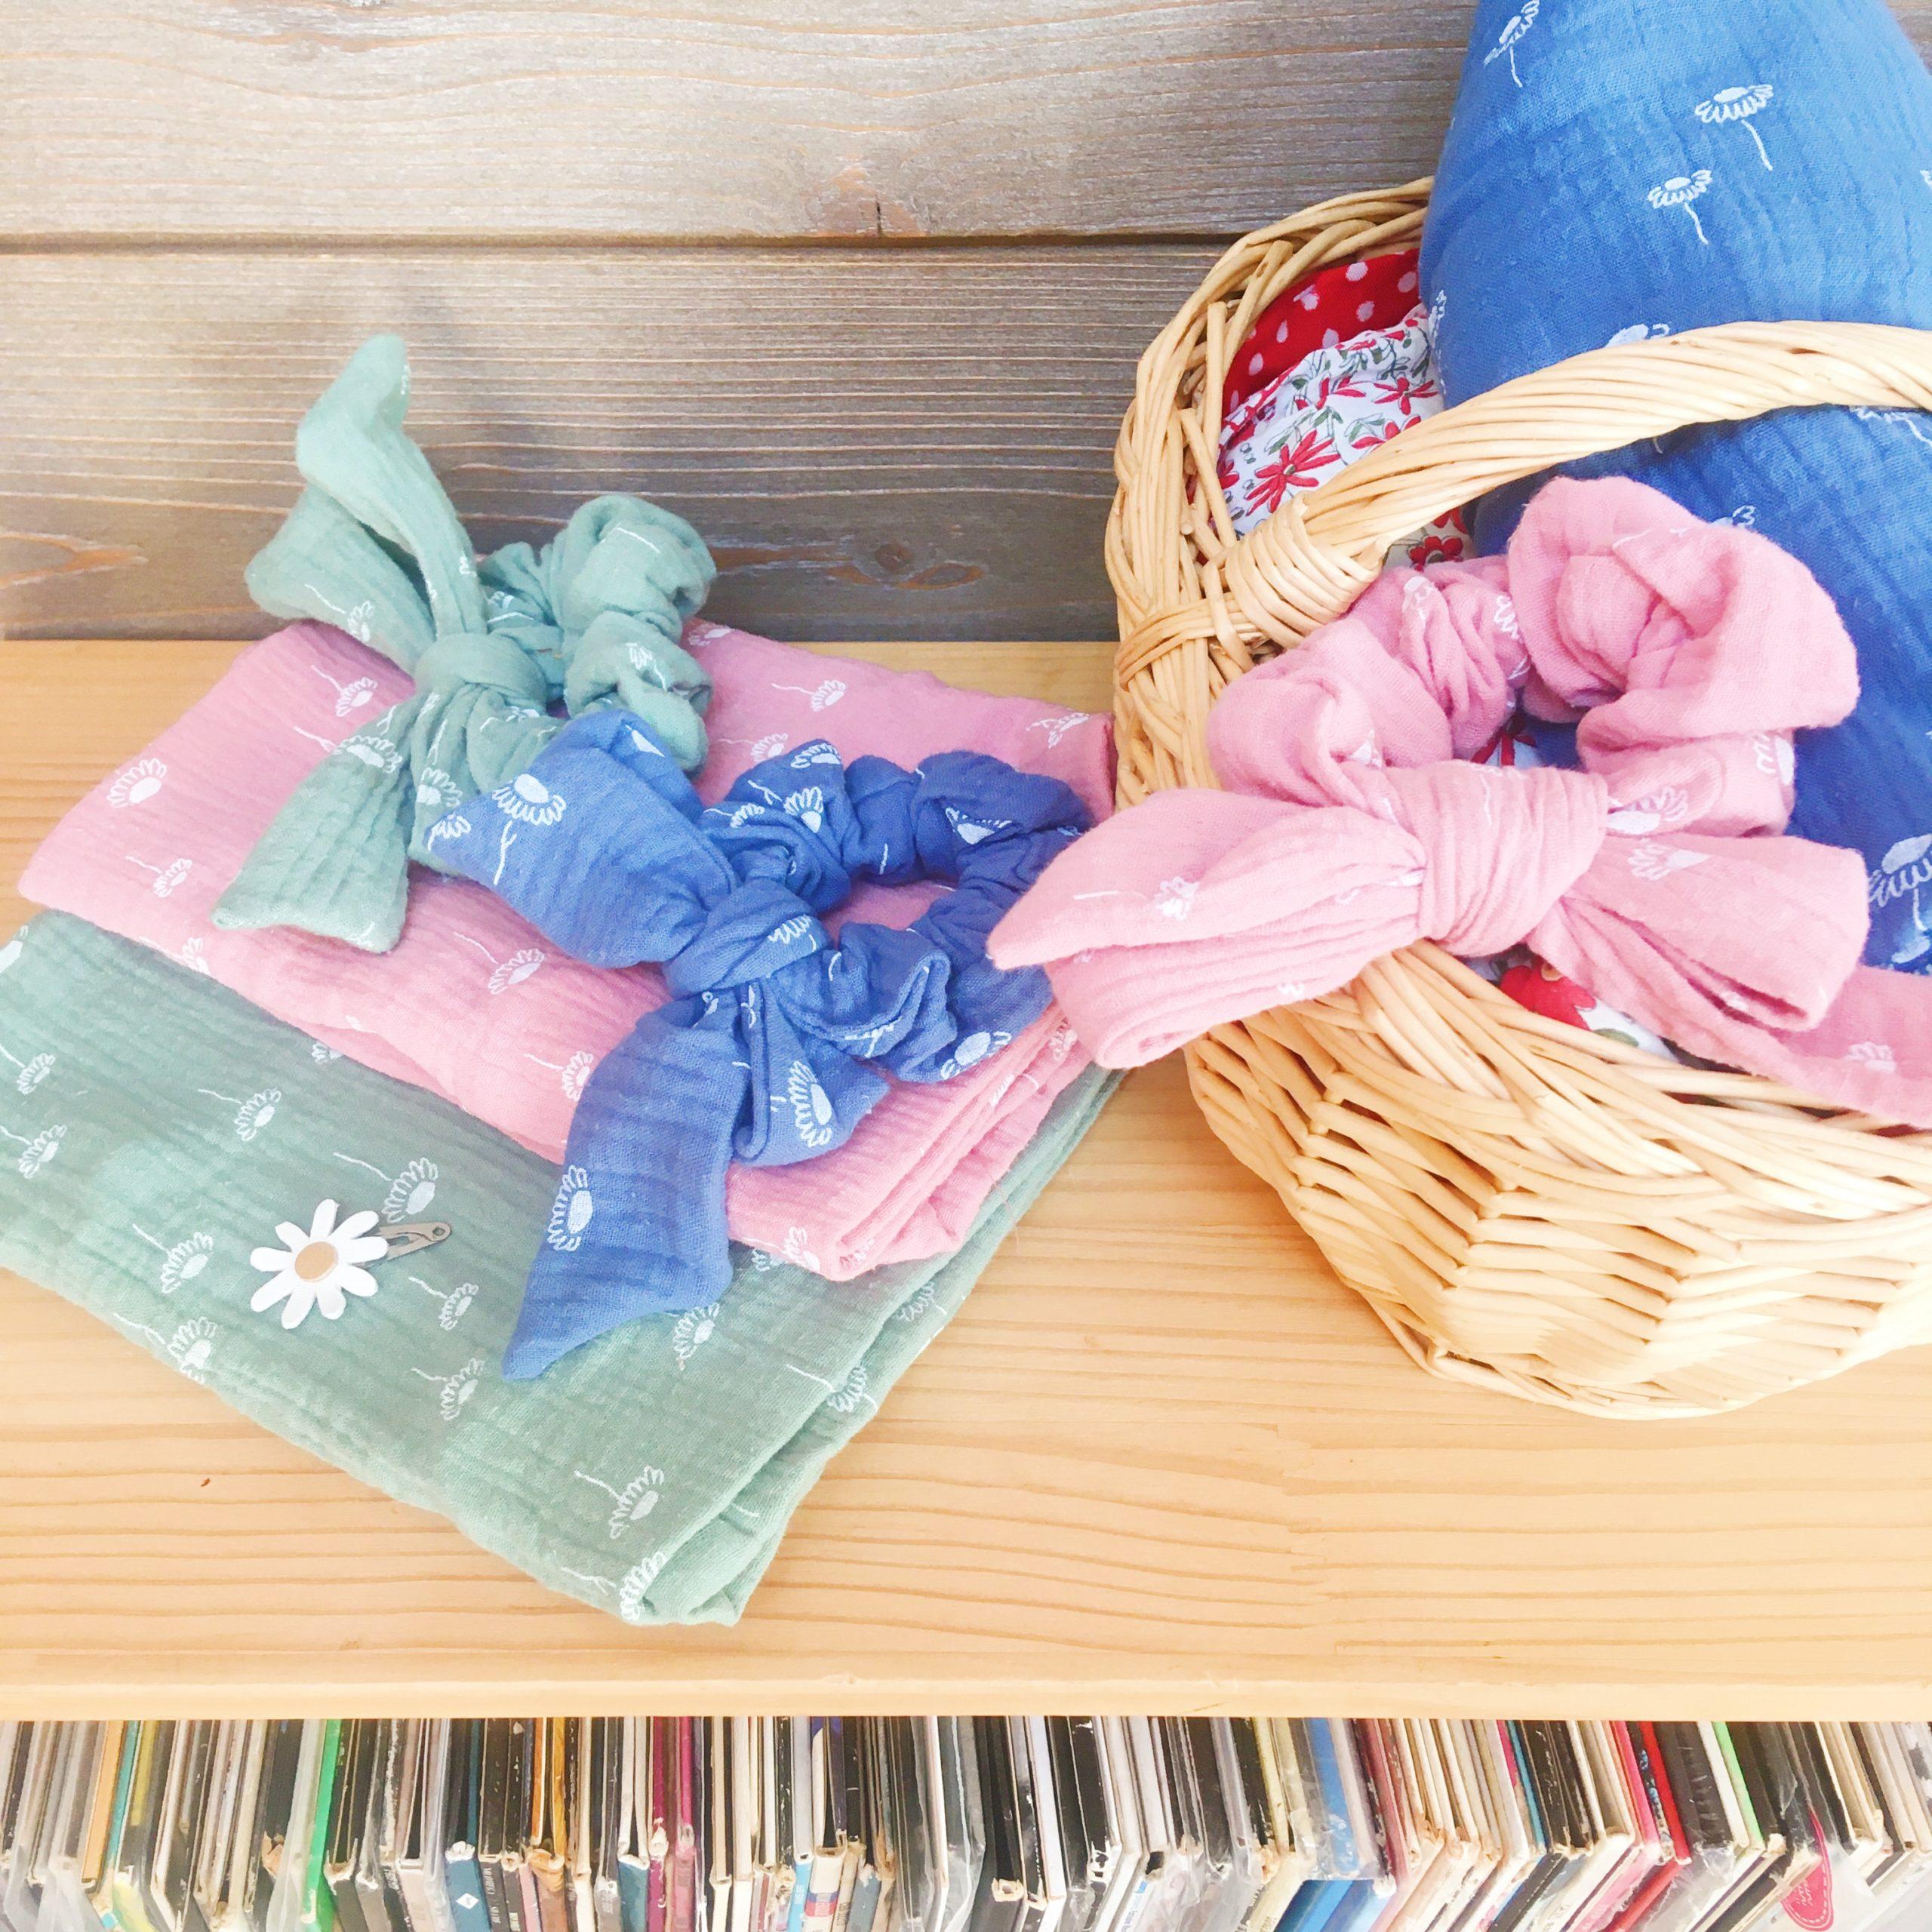 chouchous à noeud foulchie chic collection les prairies fabrication artisanale française en double gaze de coton - du vent dans mes valises1